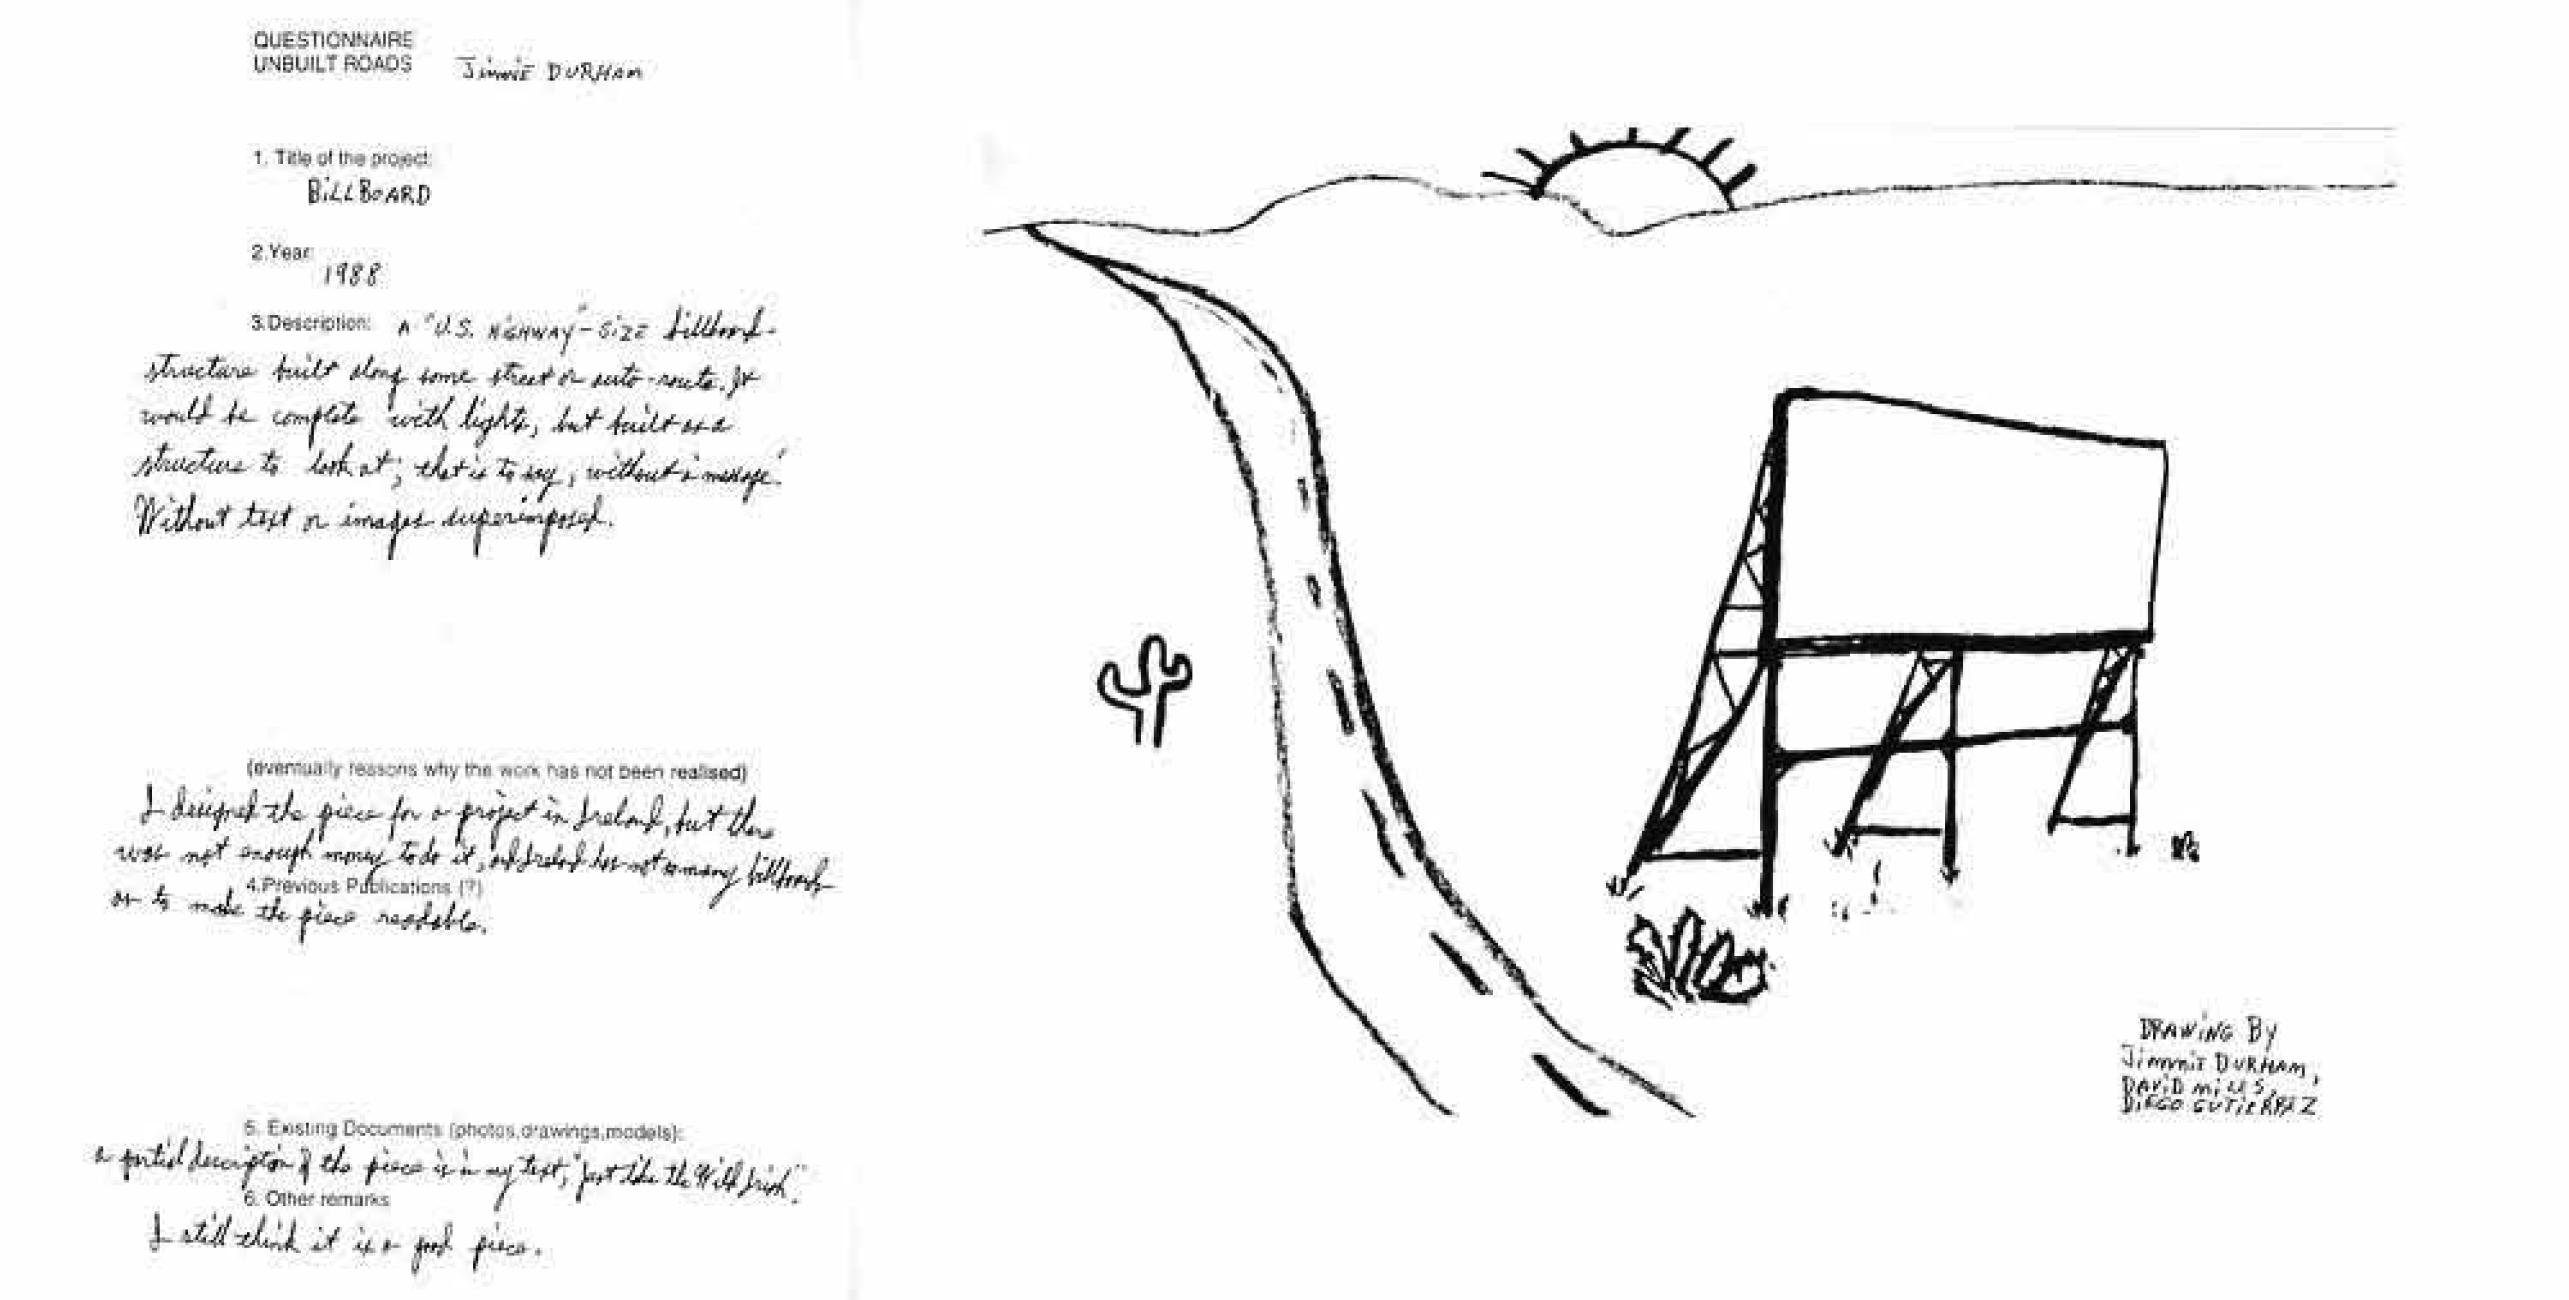 지미 더햄  1988. 한스 울리히 오브리스트와 가이 토토사가 편집한 《Unbuilt Roads: 107 Unrealised Project》(Hatje Cantz, 1977) 수록 삽화